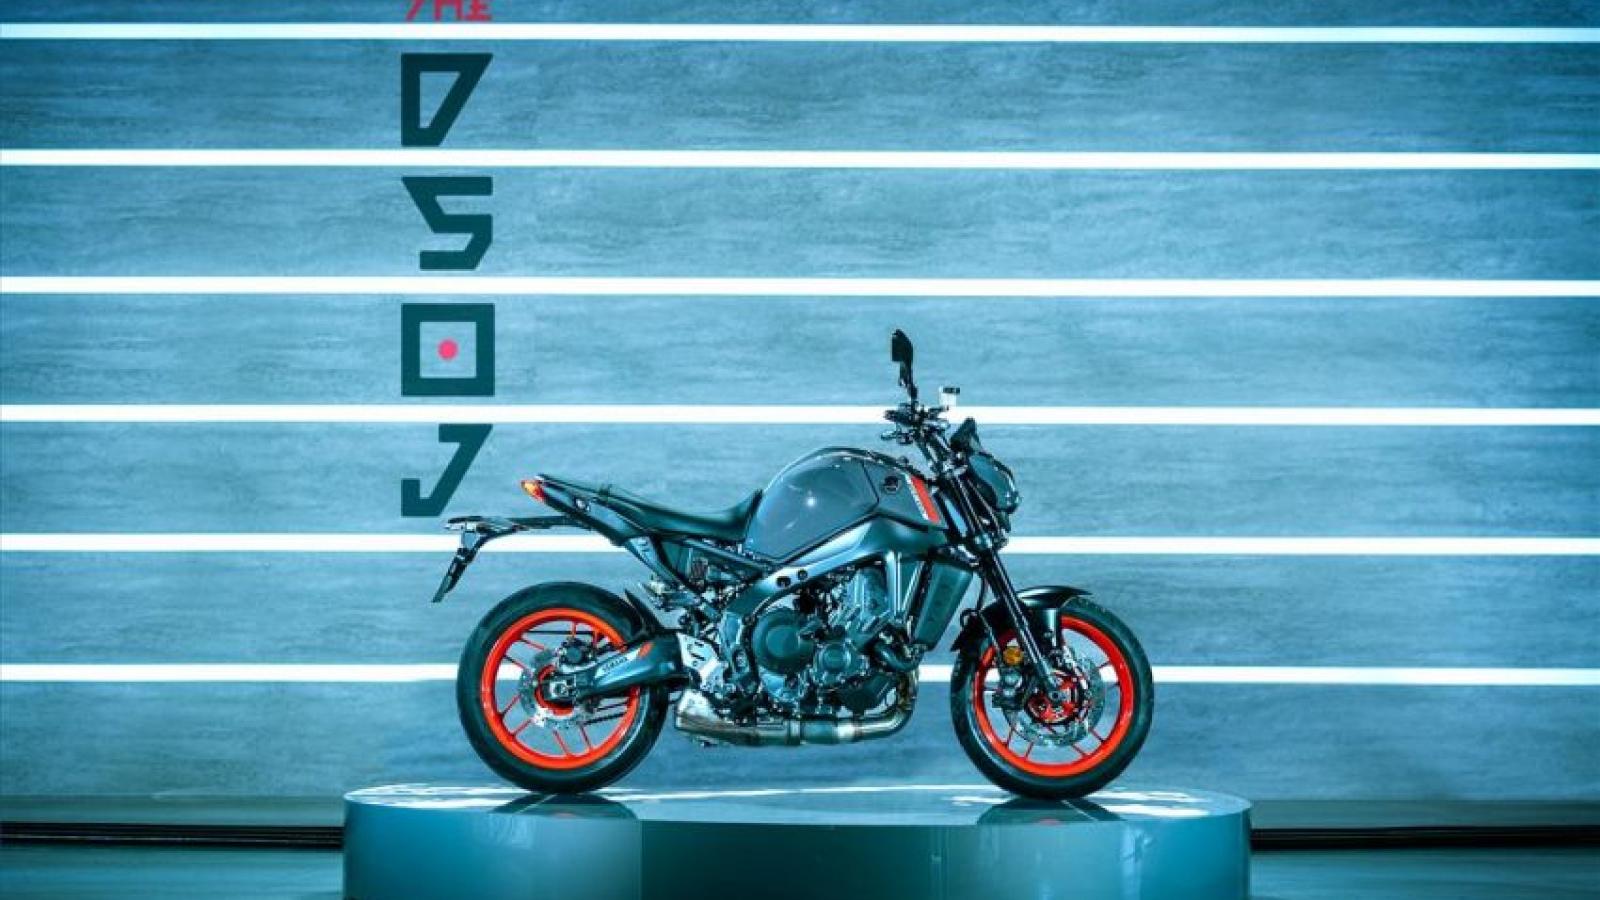 Yamaha MT-09 2021 nâng cấp hệ thống ống xả hoàn toàn mới